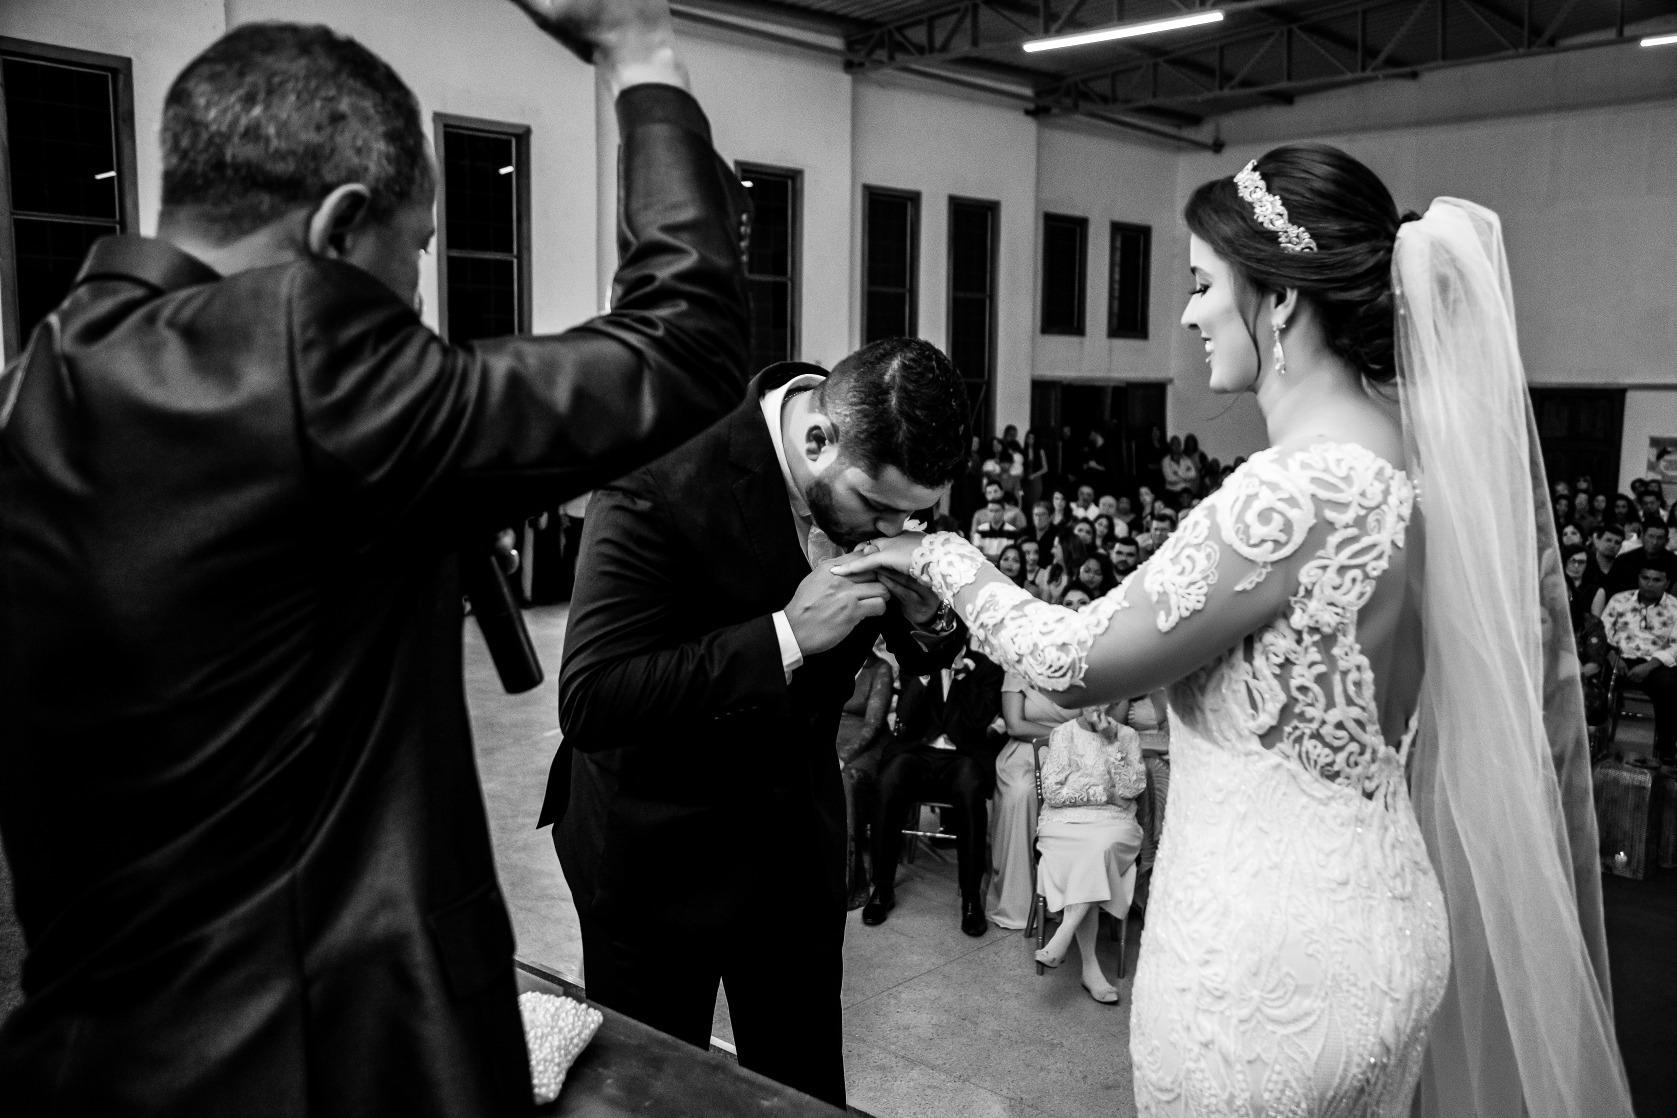 Casamento em Pitangui de Jéssica e Lucas - Vestido Zephora Linha Premium - Fotos Demétrio Laurentys